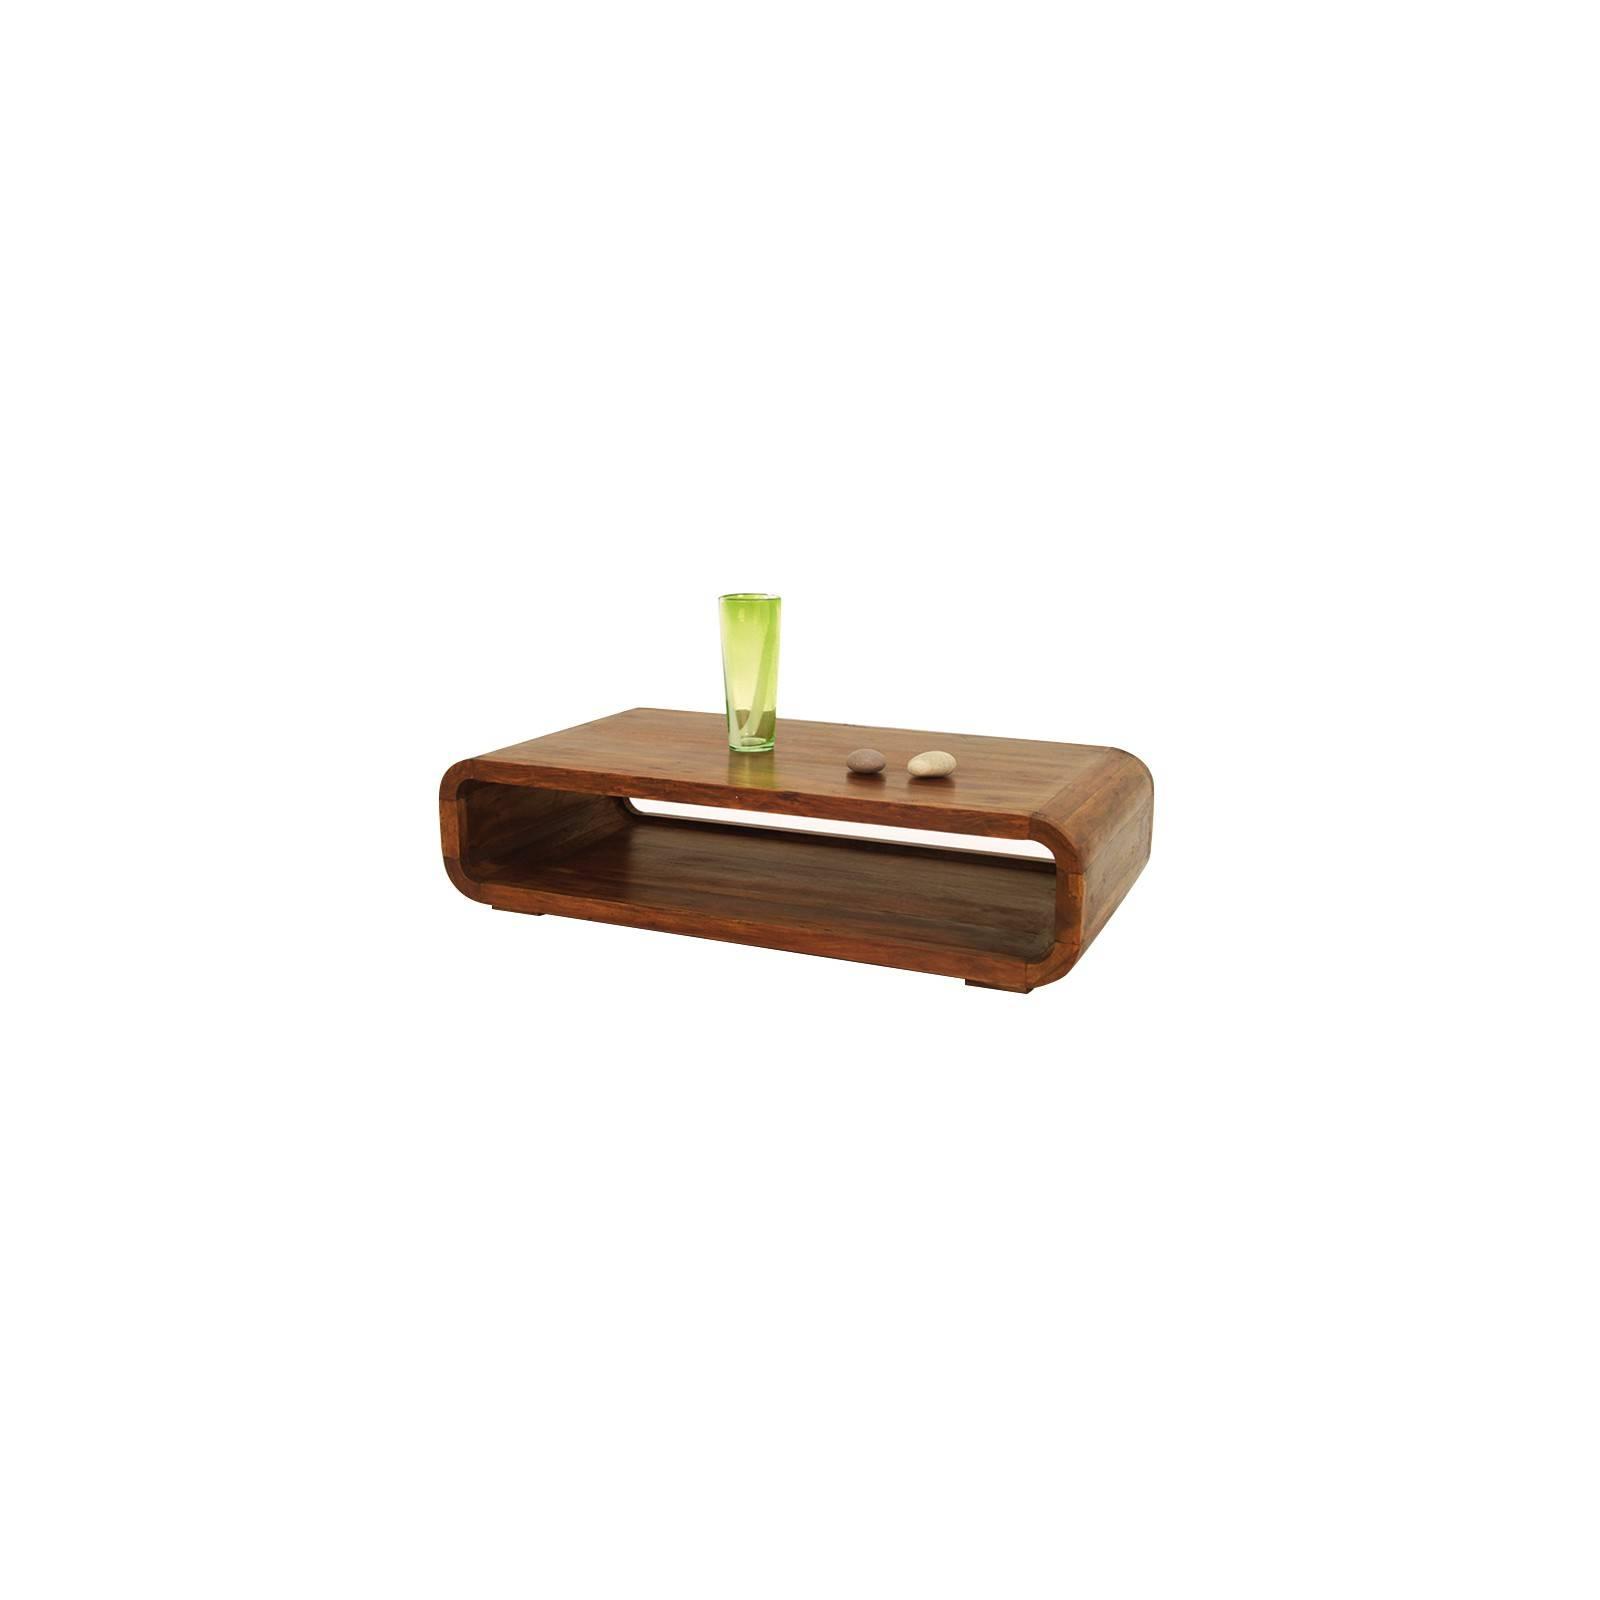 Table basse design. Meuble en bois exotique Lhassa